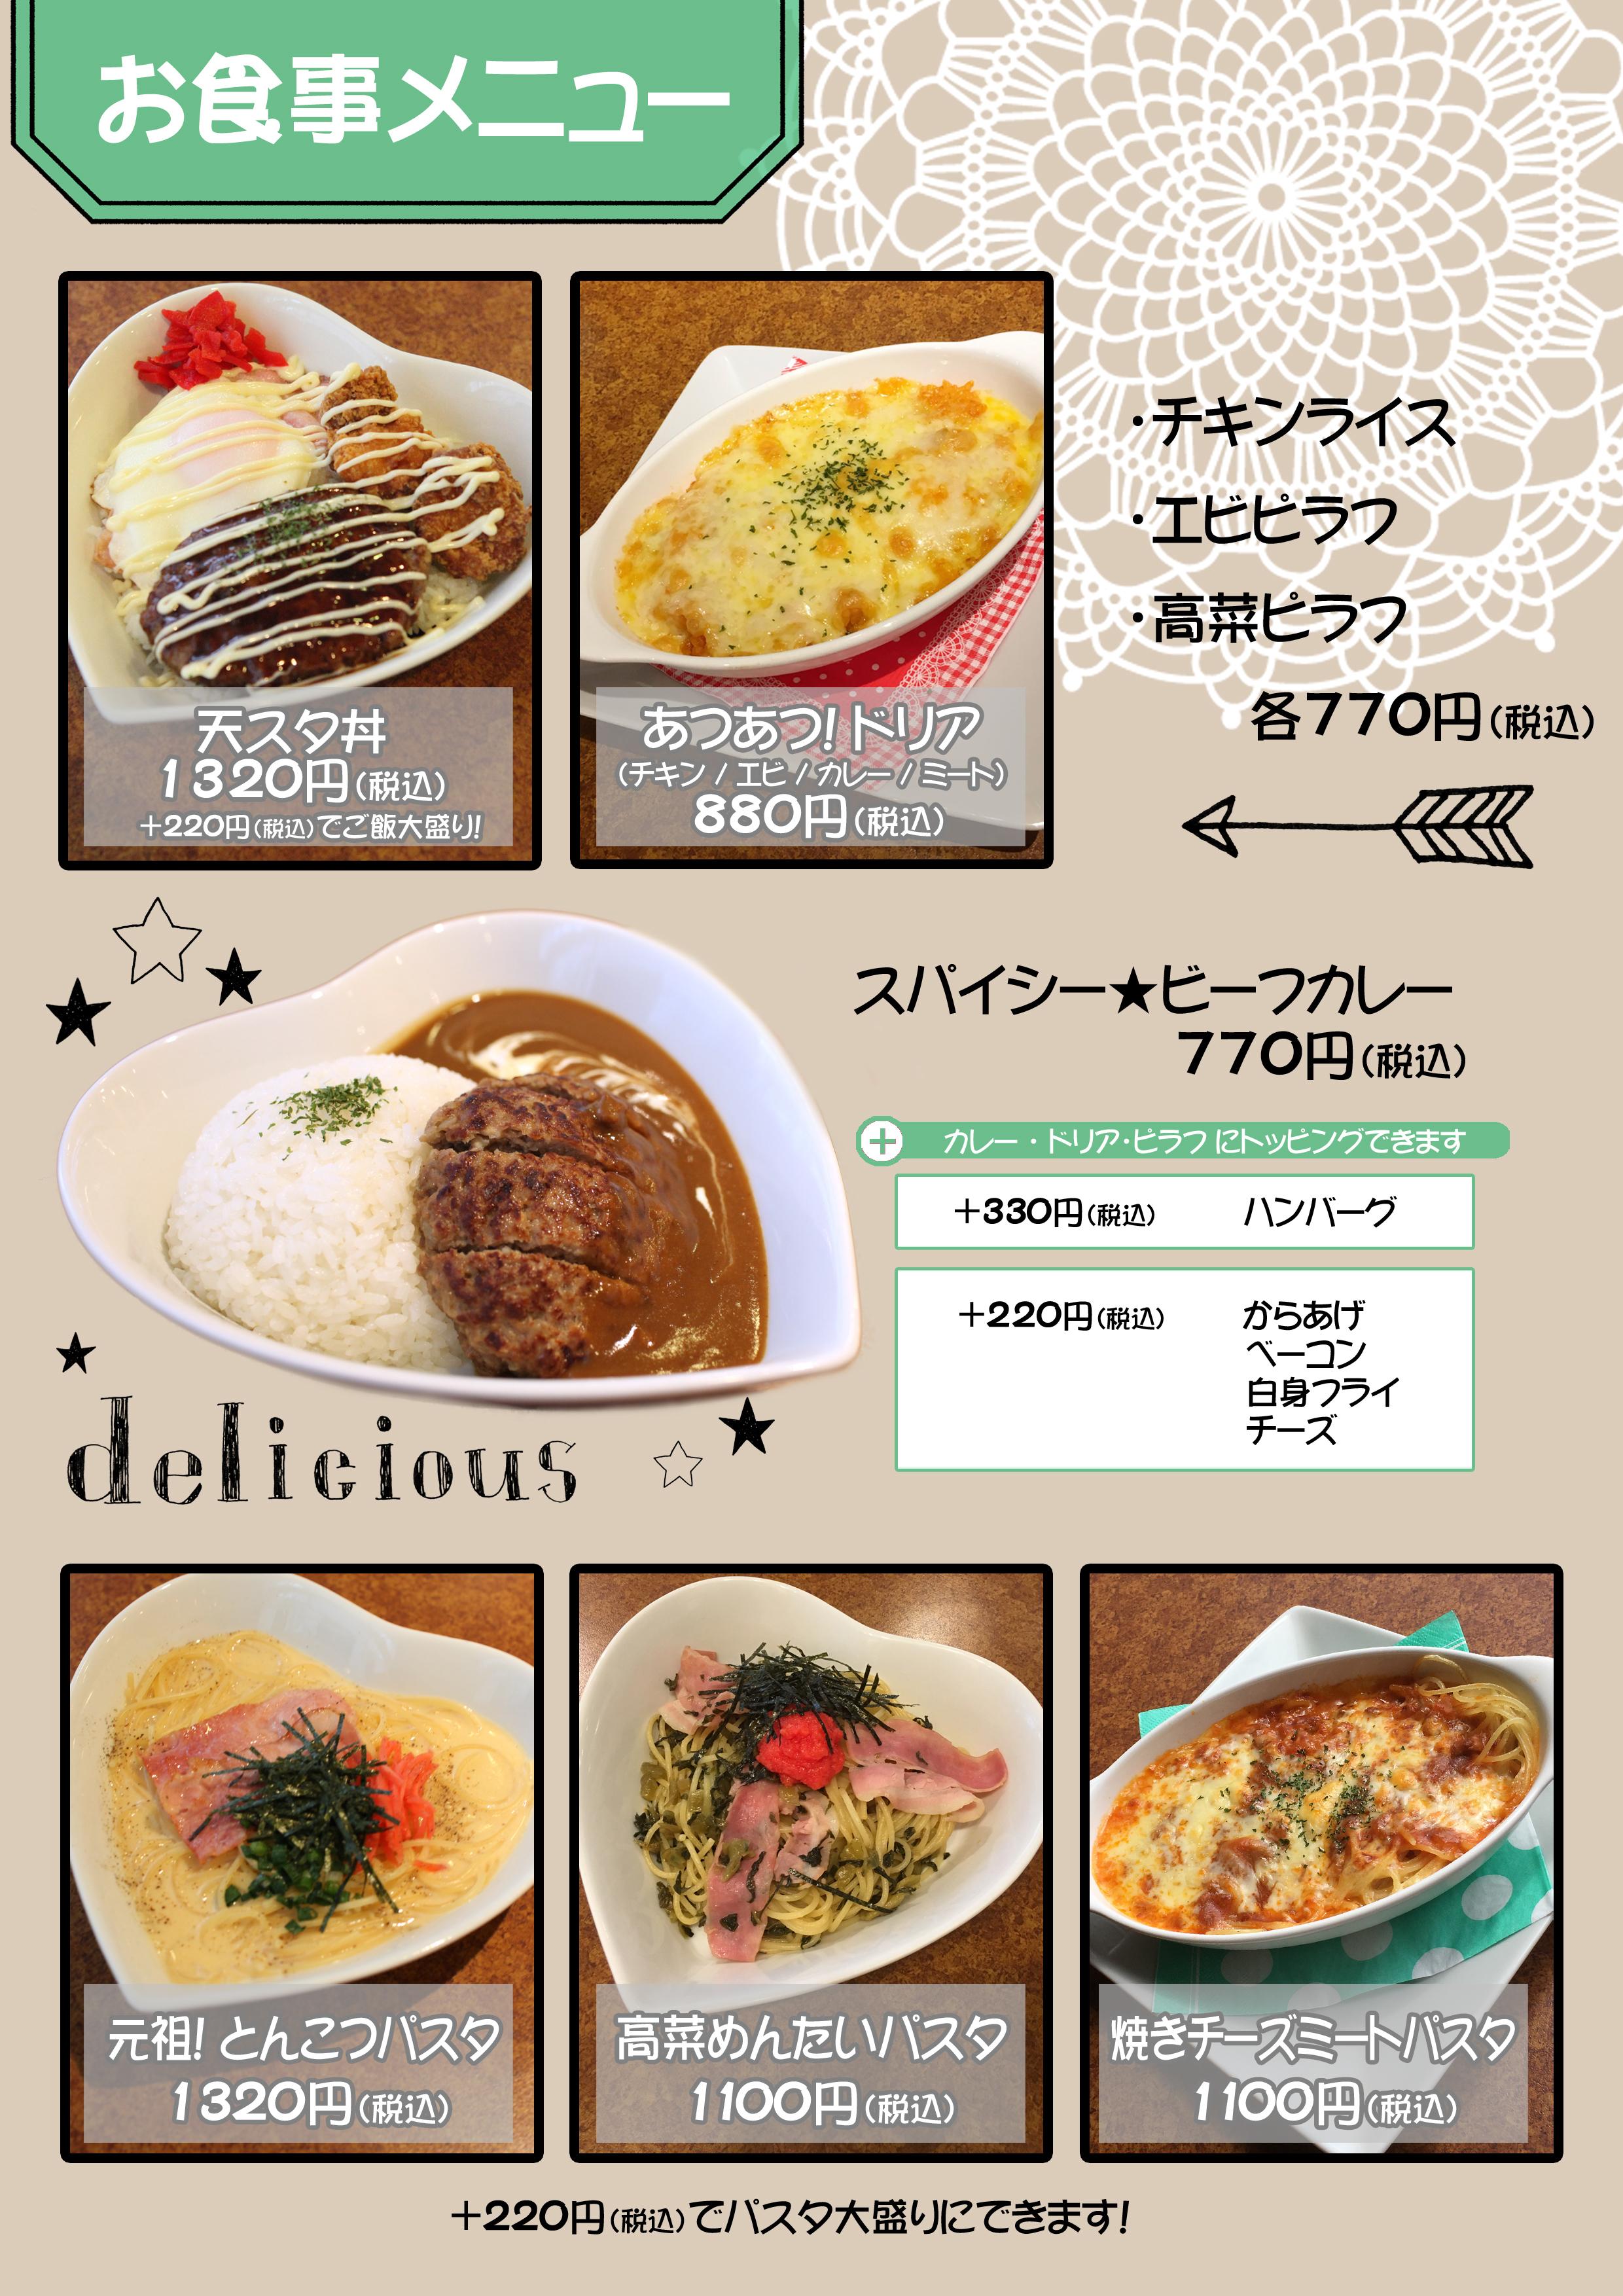 メニュー4 お食事メニュー20210401のコピー